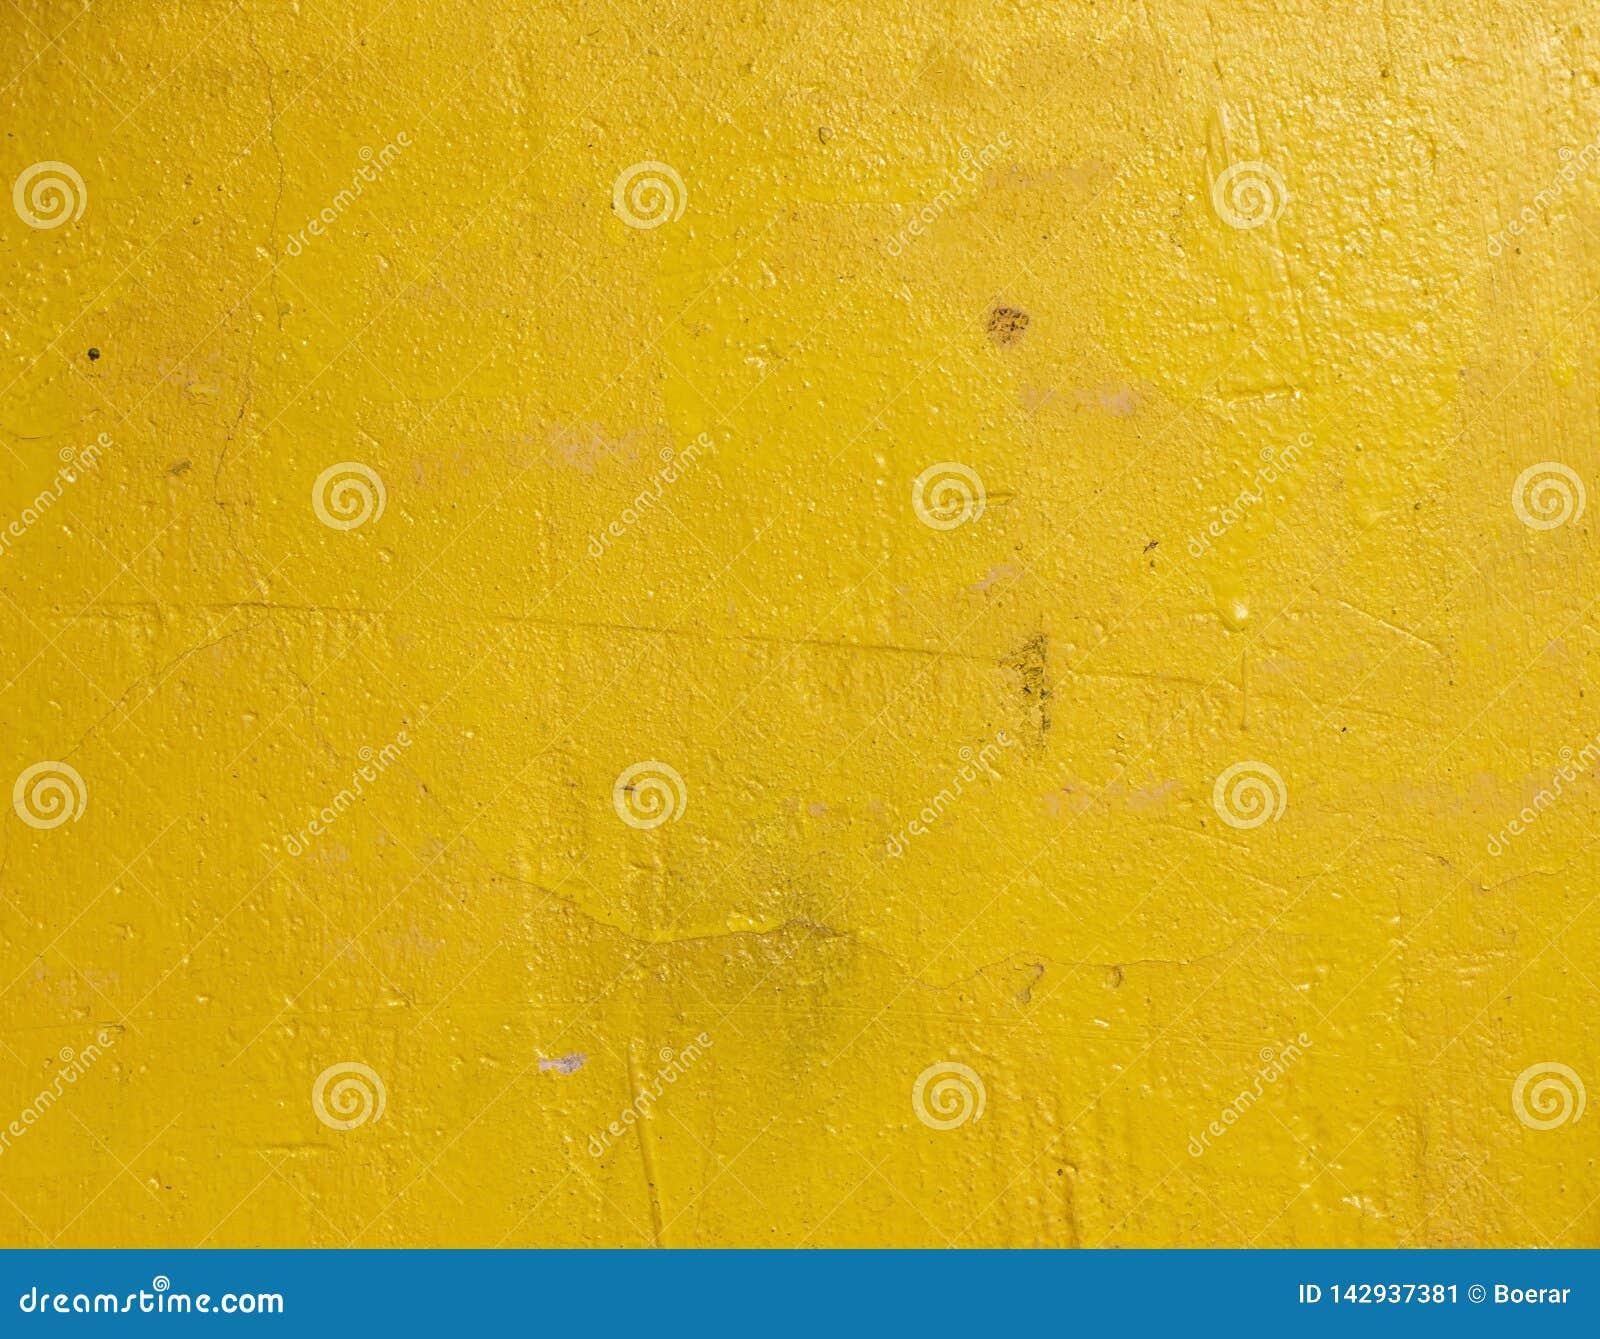 Stary grunge pękający rocznika cementu, betonu foremki tekstury jasnożółty tło i